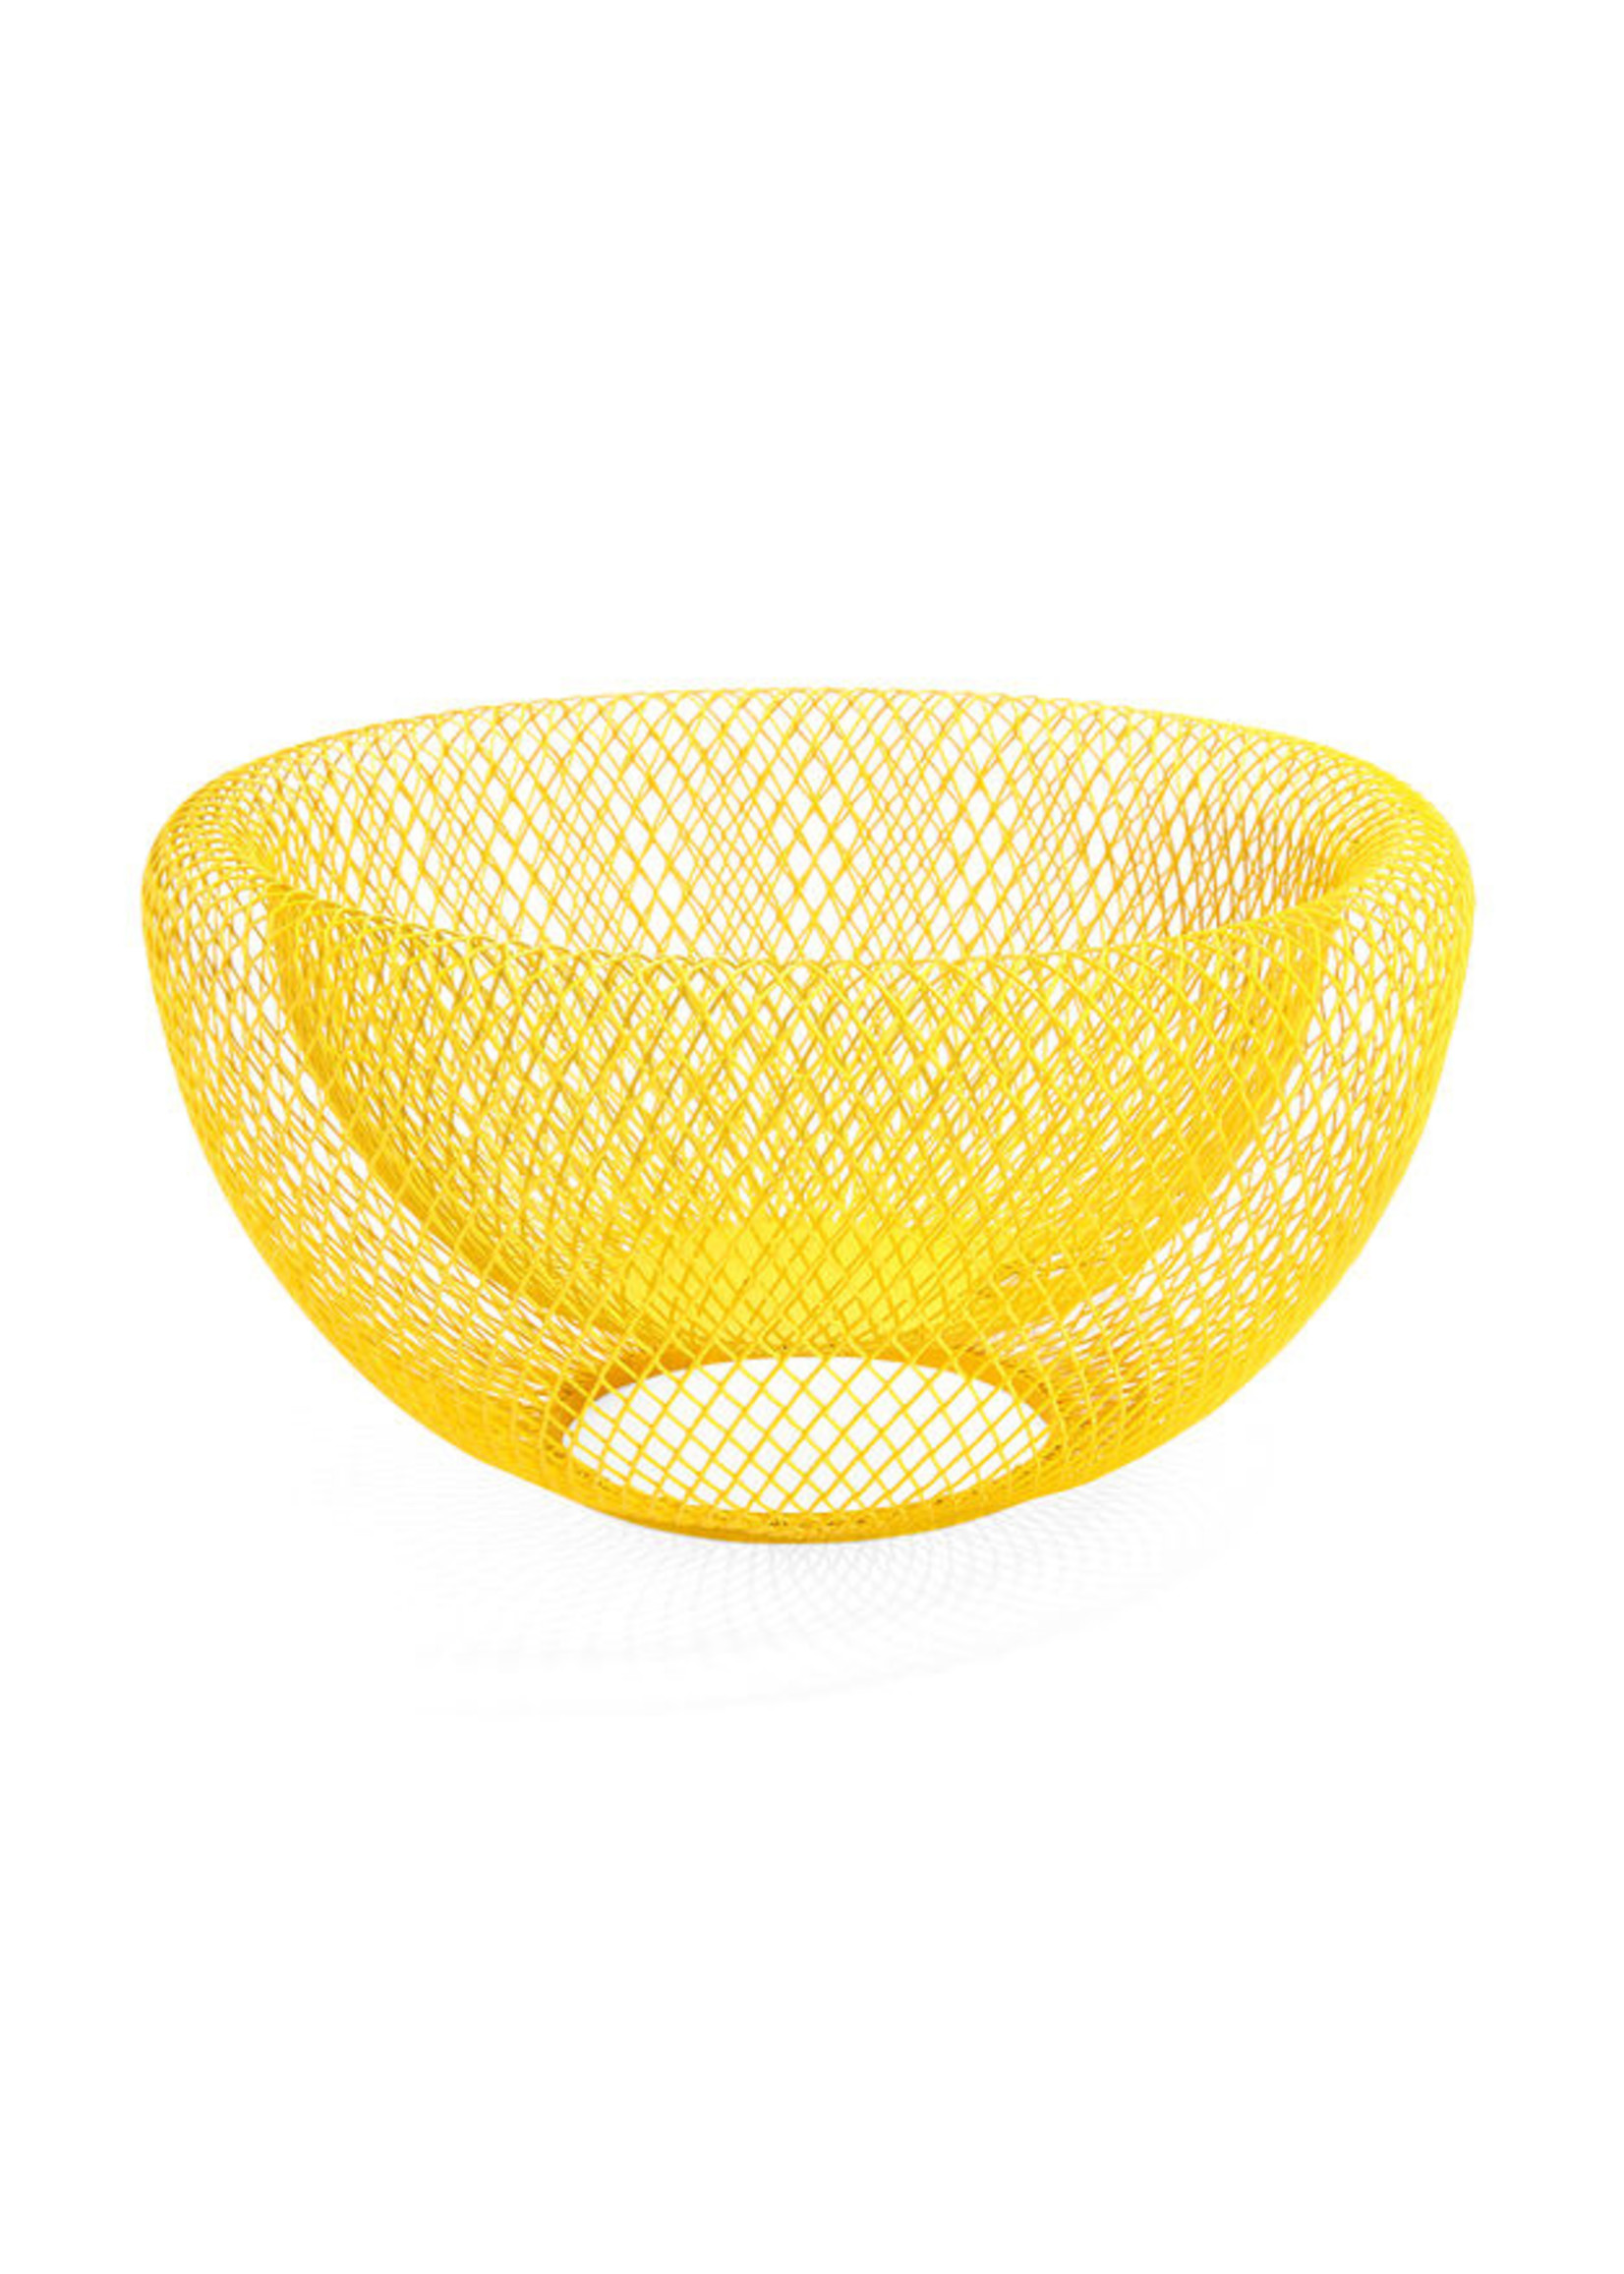 Gaas schaal MoMA geel